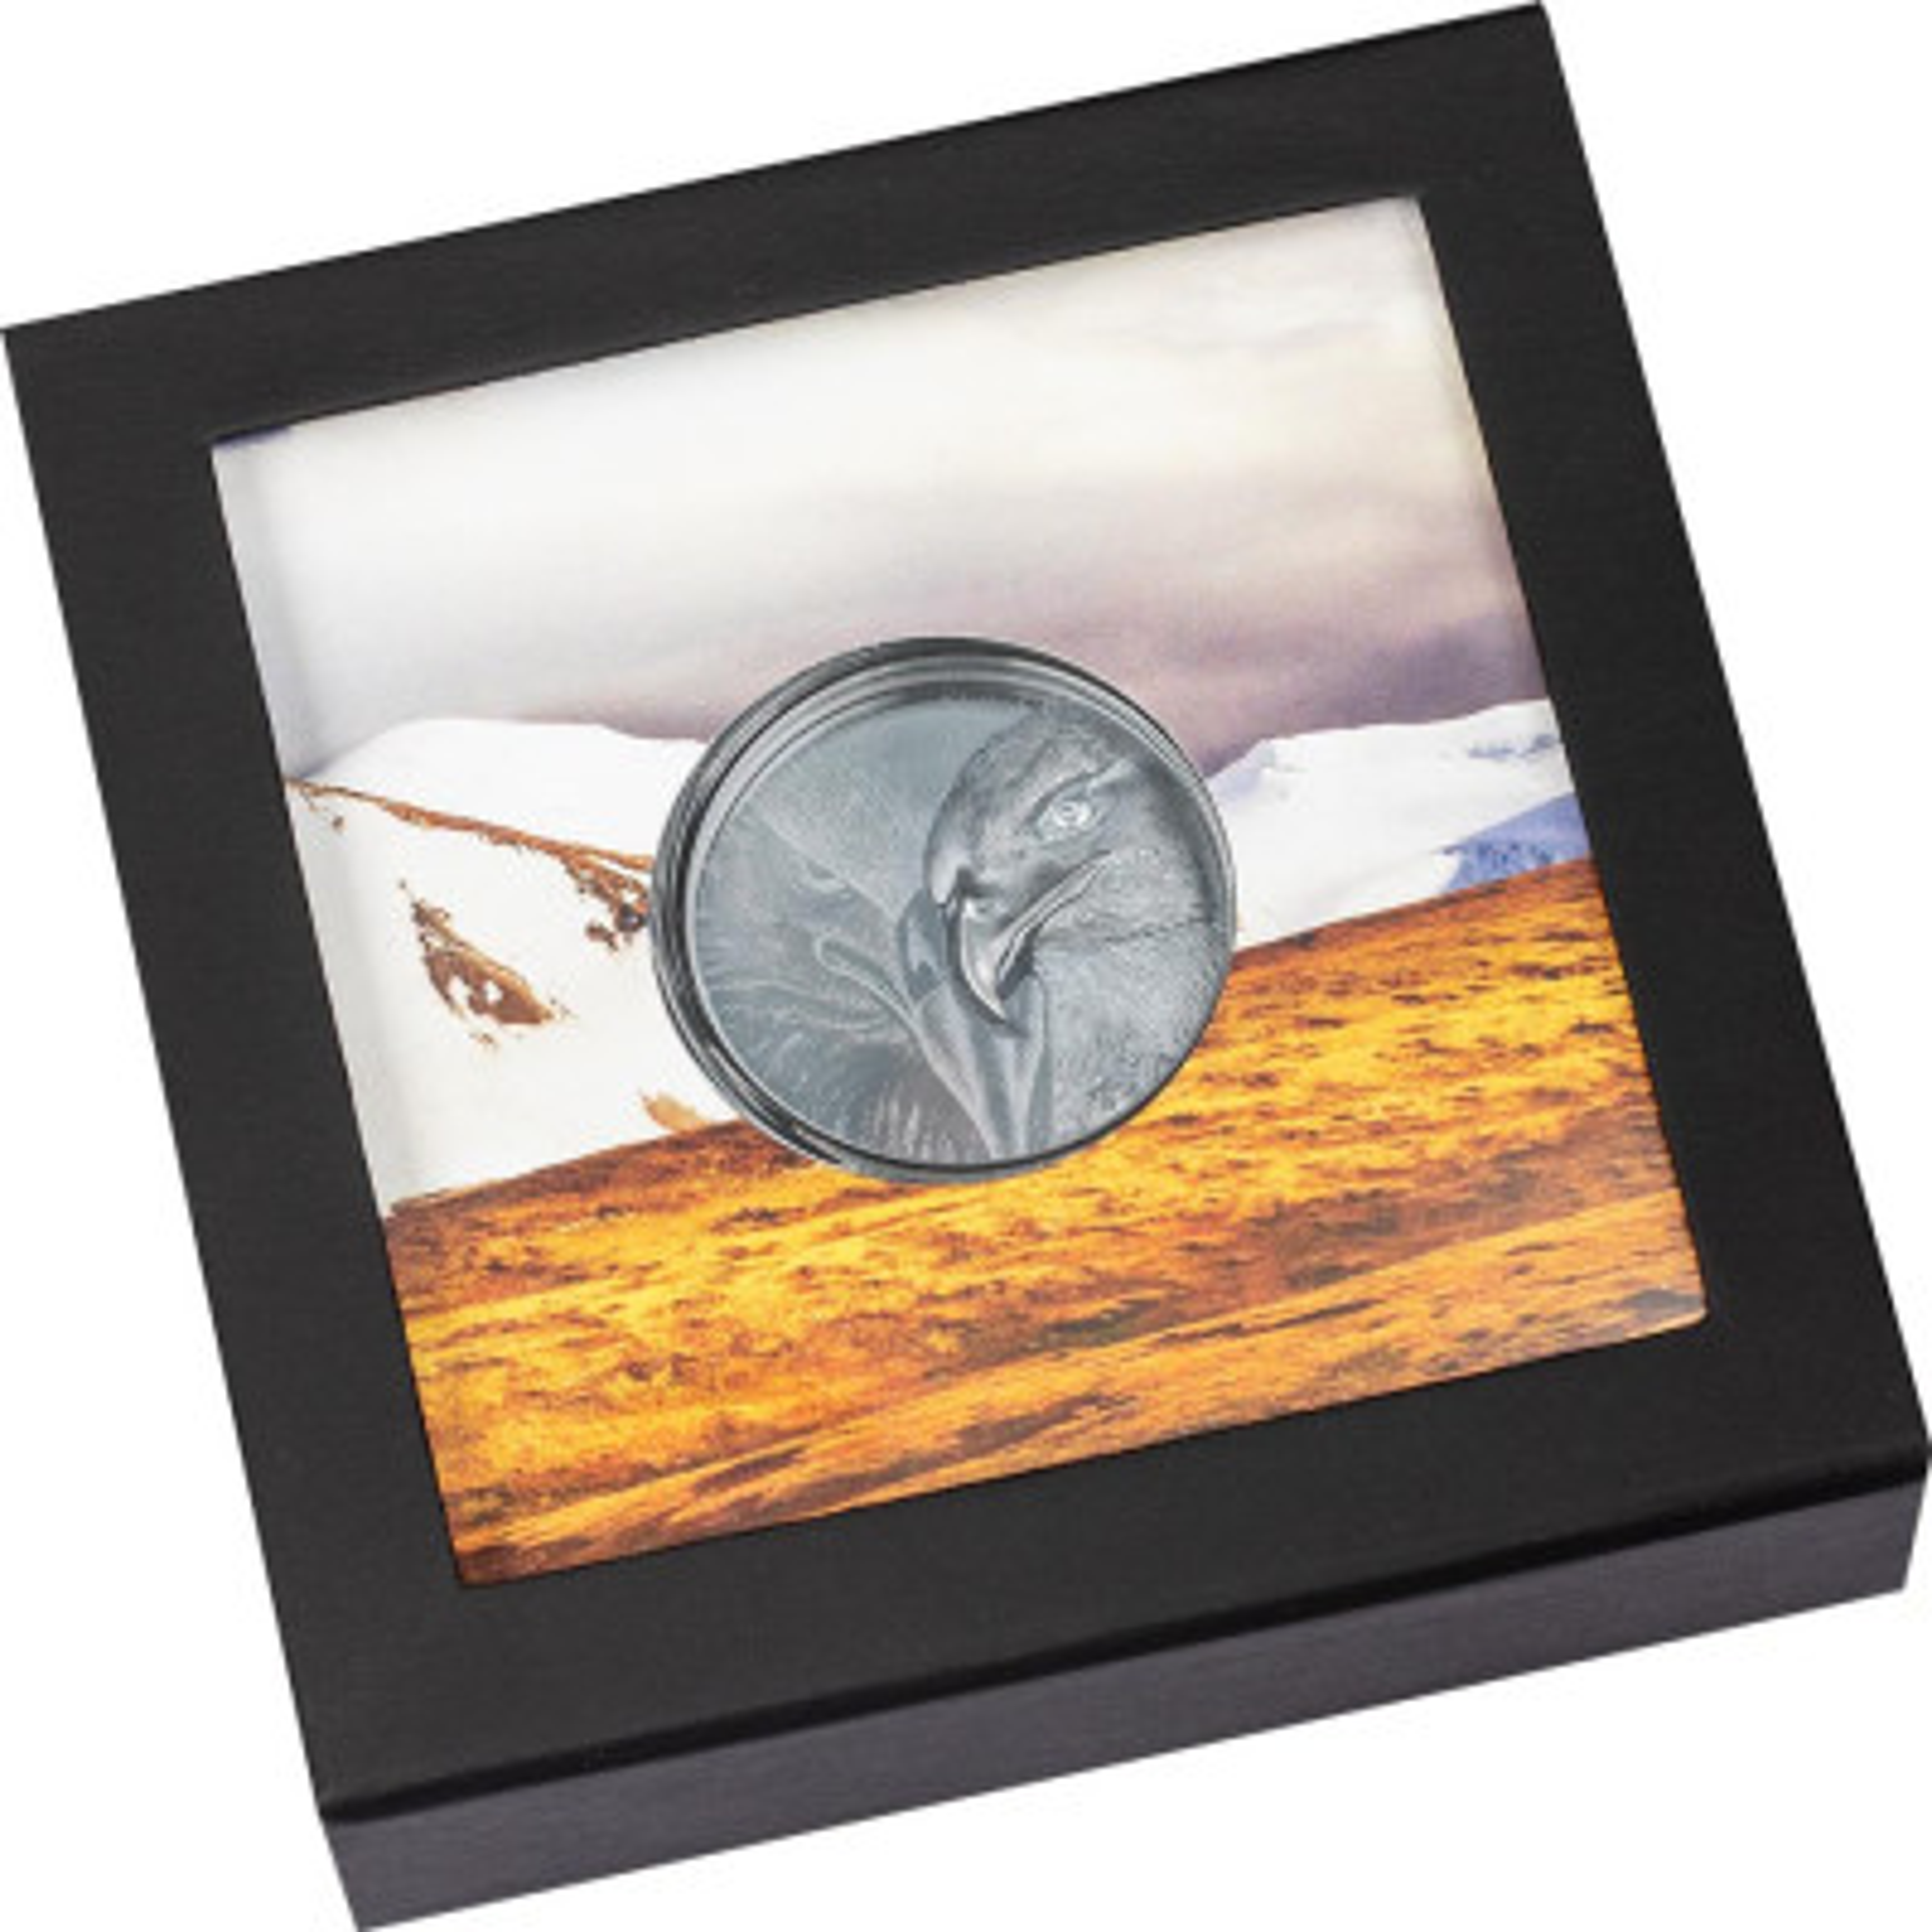 2 troy ounce zilveren munt Majestueuze Adelaar Zwart Proof - box